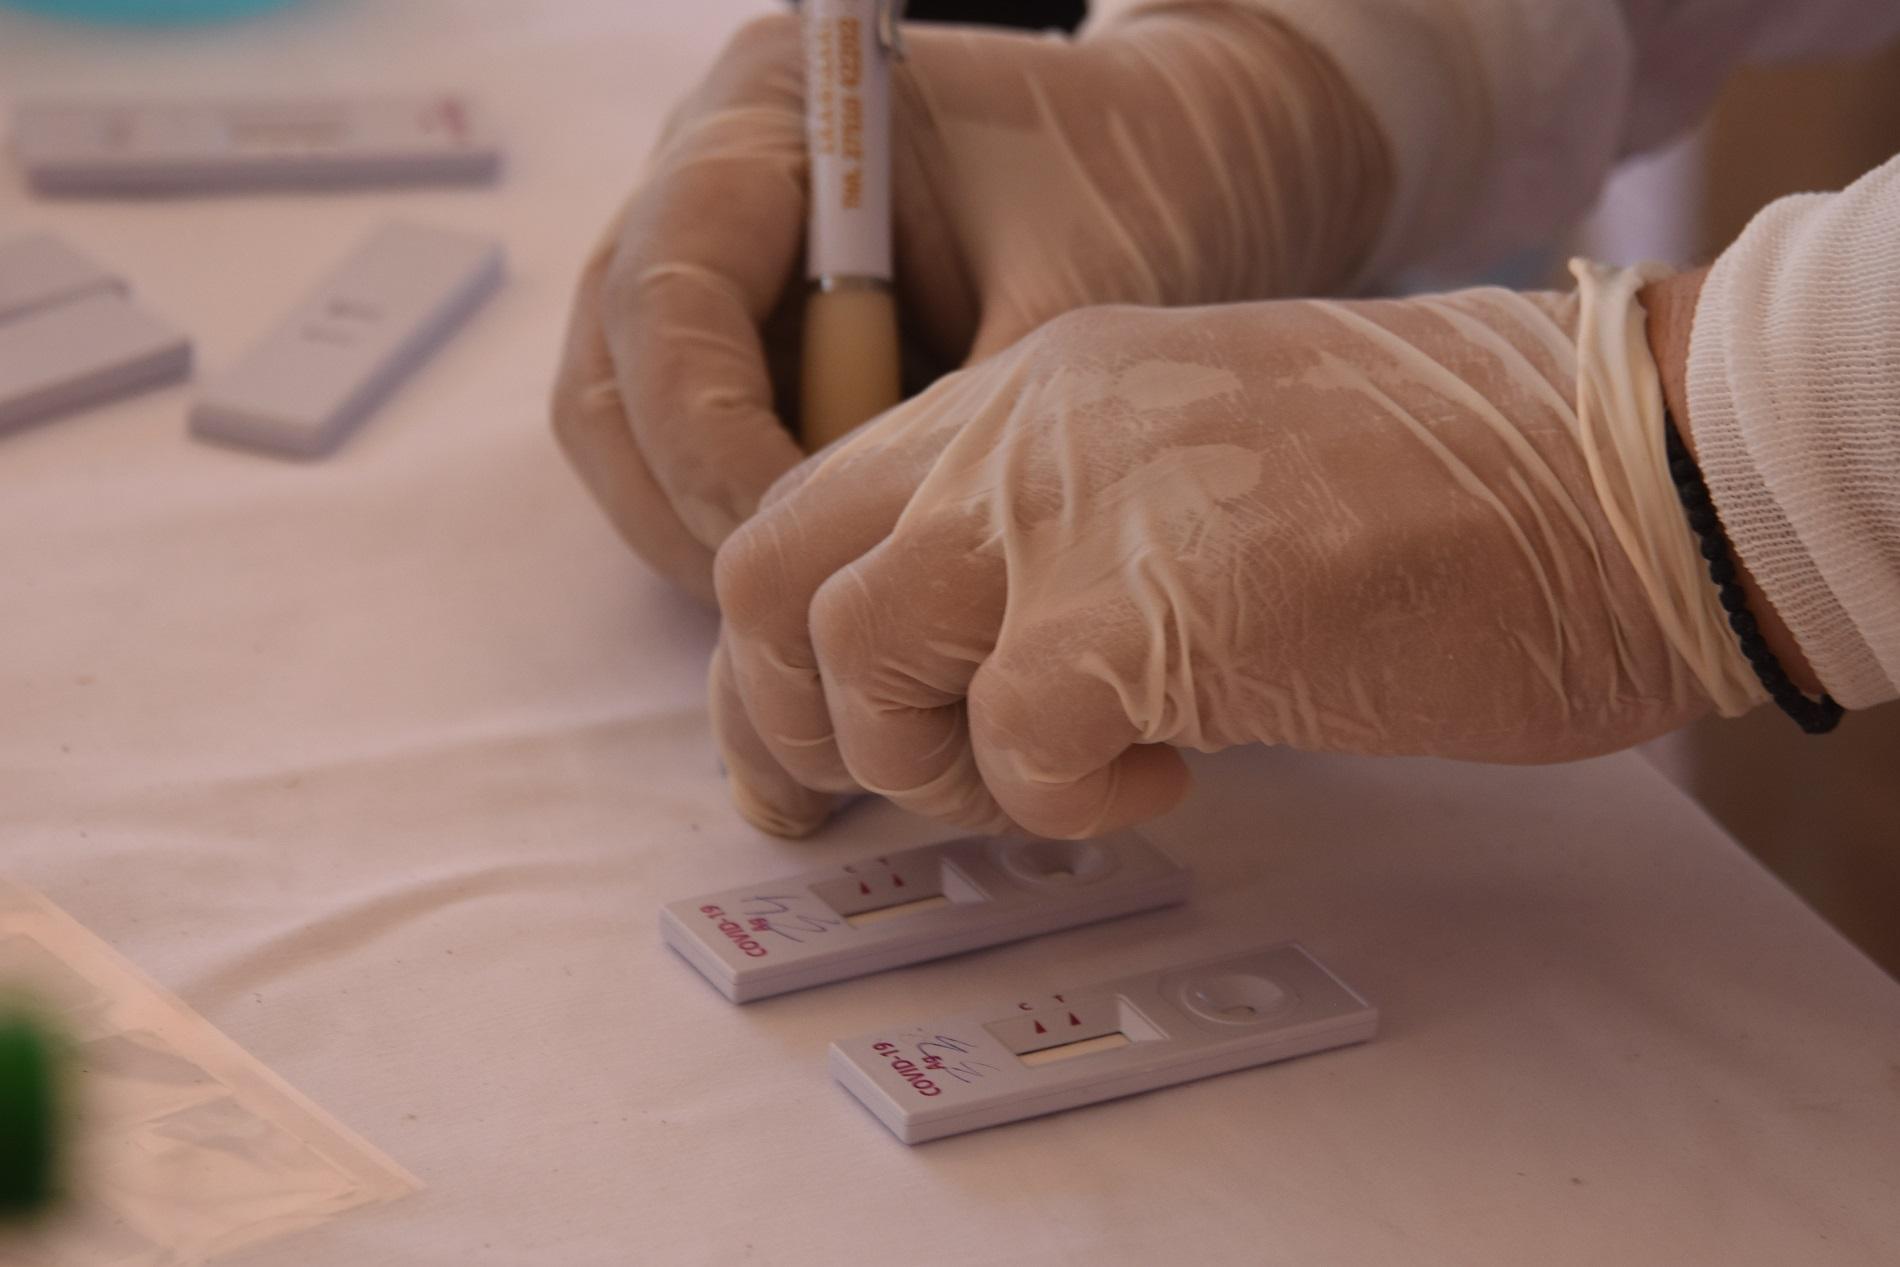 Πού θα γίνουν δωρεάν rapid tests σήμερα Πέμπτη στη Λάρισα